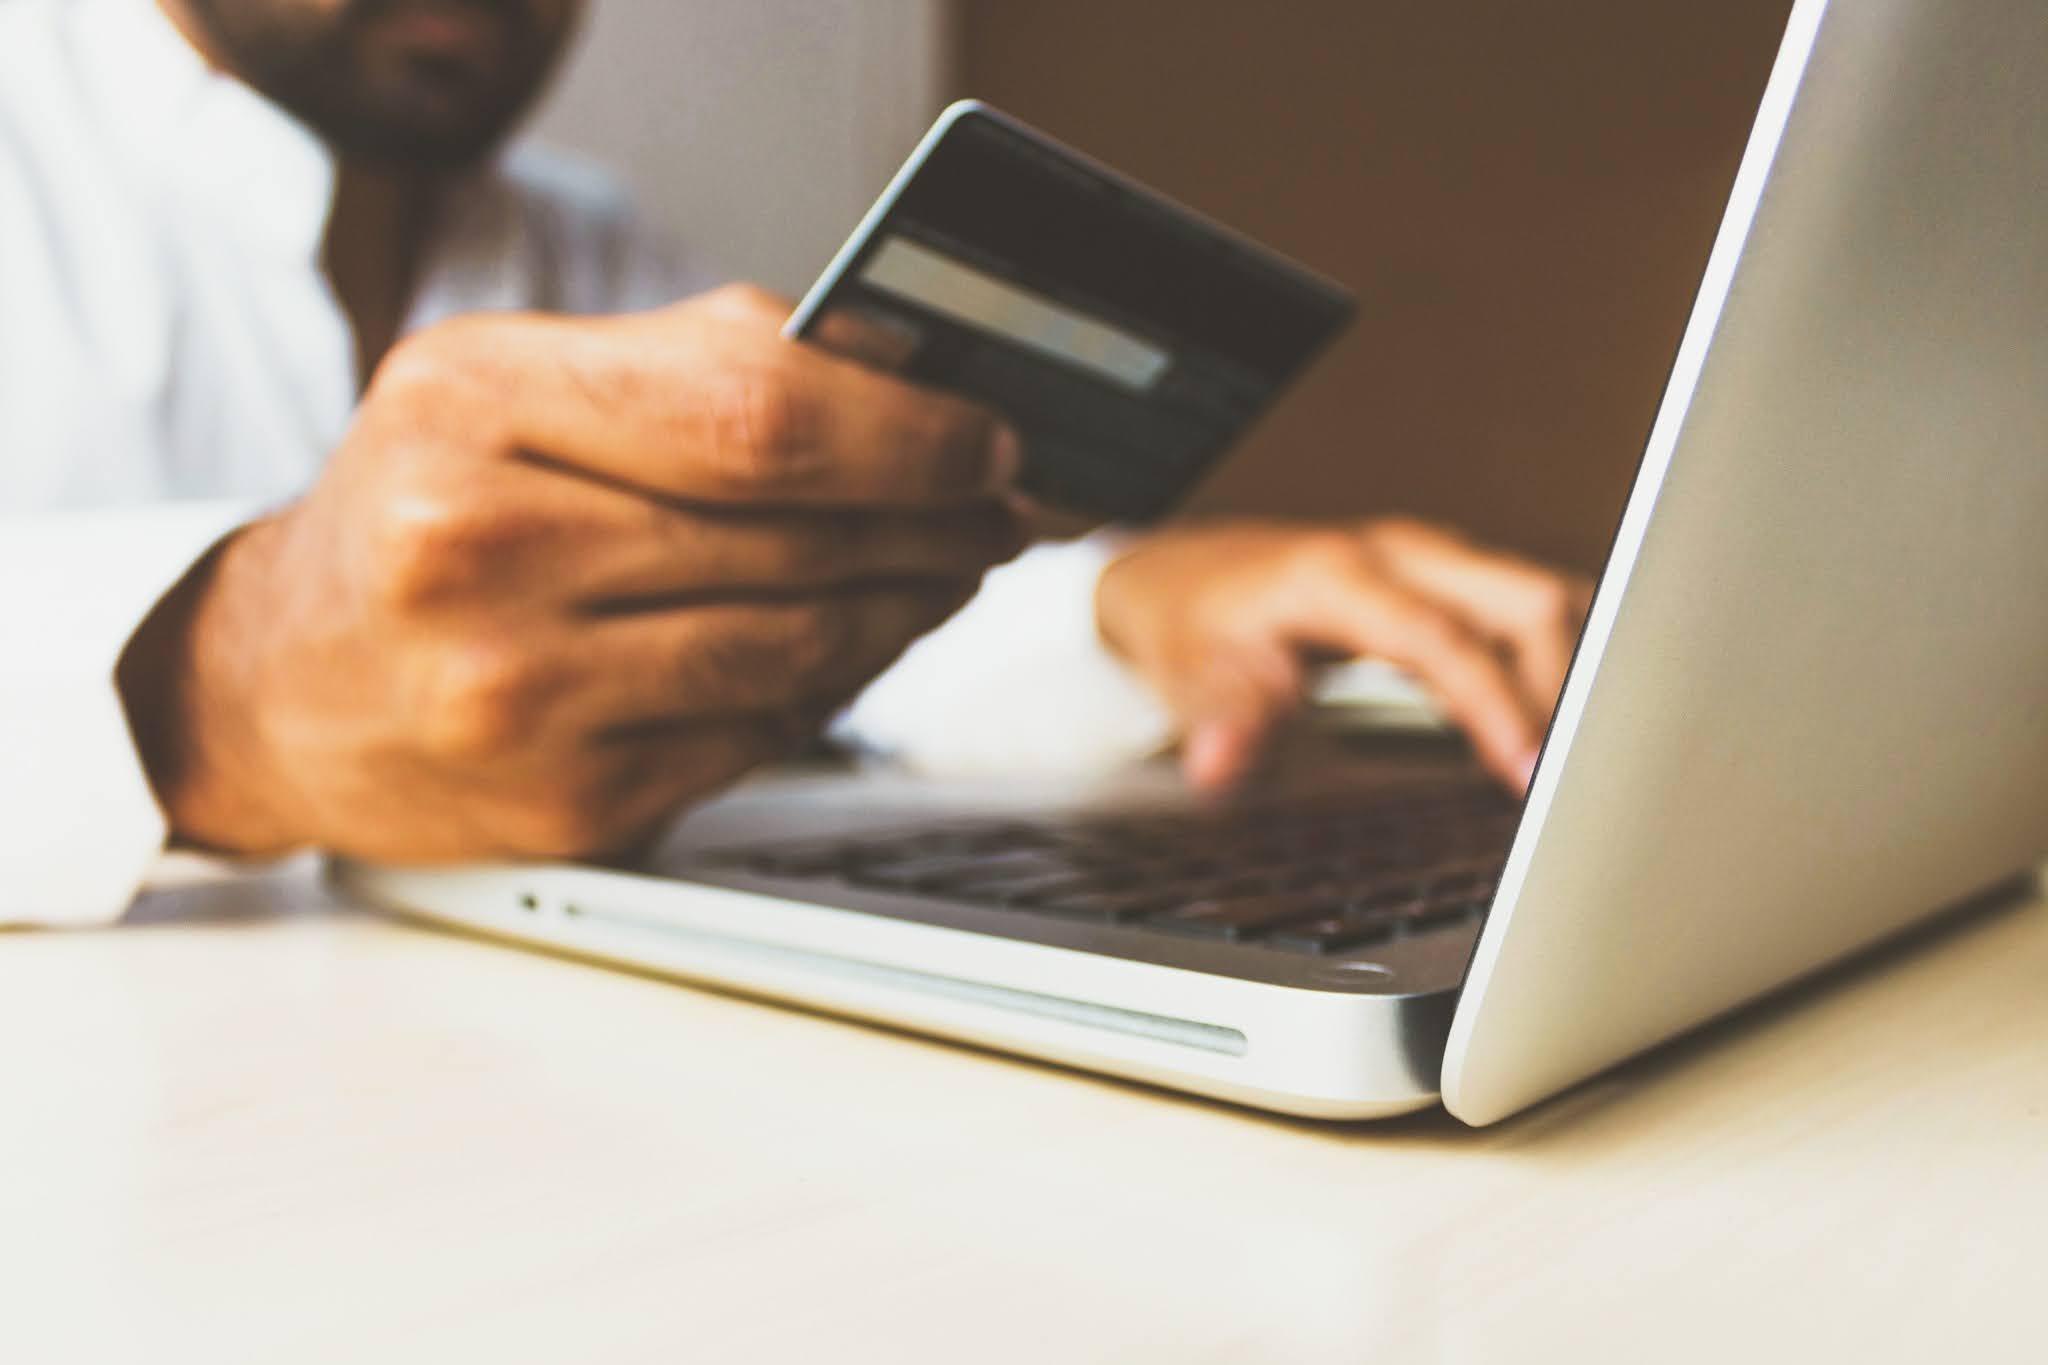 ada banyak metode pembayaran untuk bisnis kecil, seperti mobile banking, dan e-wallet. DANA, OVO, GOPAY, Google Pay, Shopee Pay merupakan contoh e-wallet yang marak digunakan.